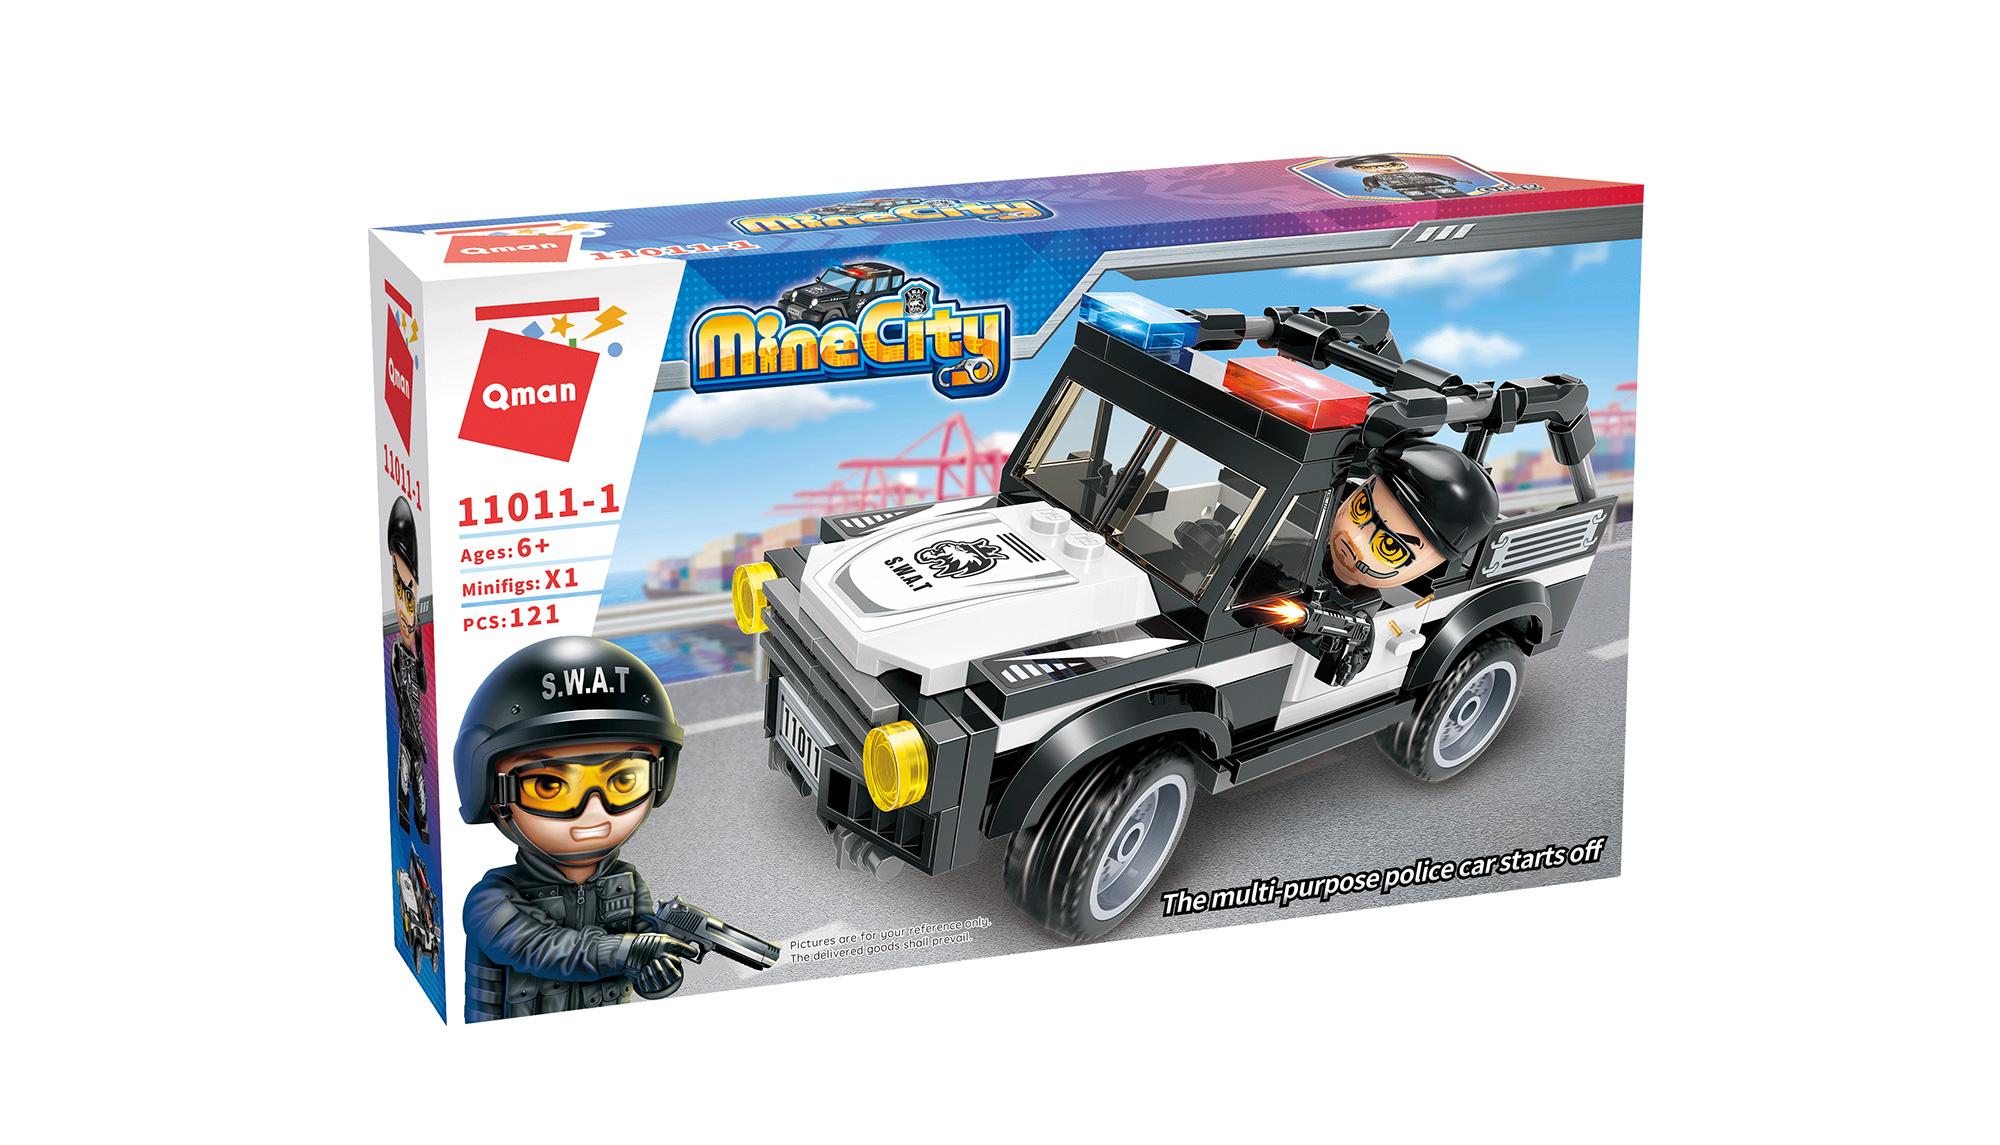 Qman Mine City Police 11011-1 Policejní auto